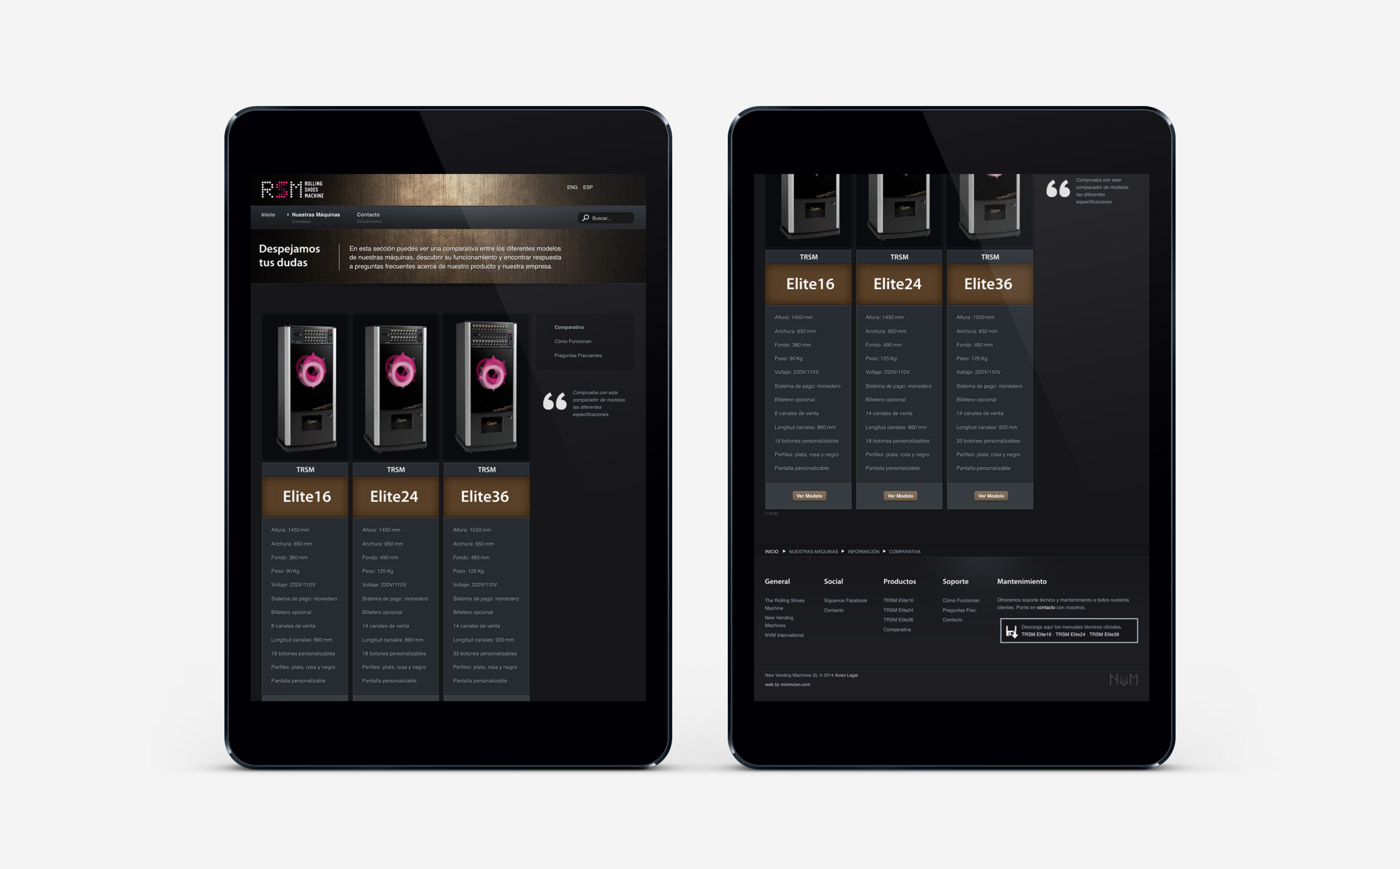 diseño de tienda online visualización responsiva en 2 ipads para RSM